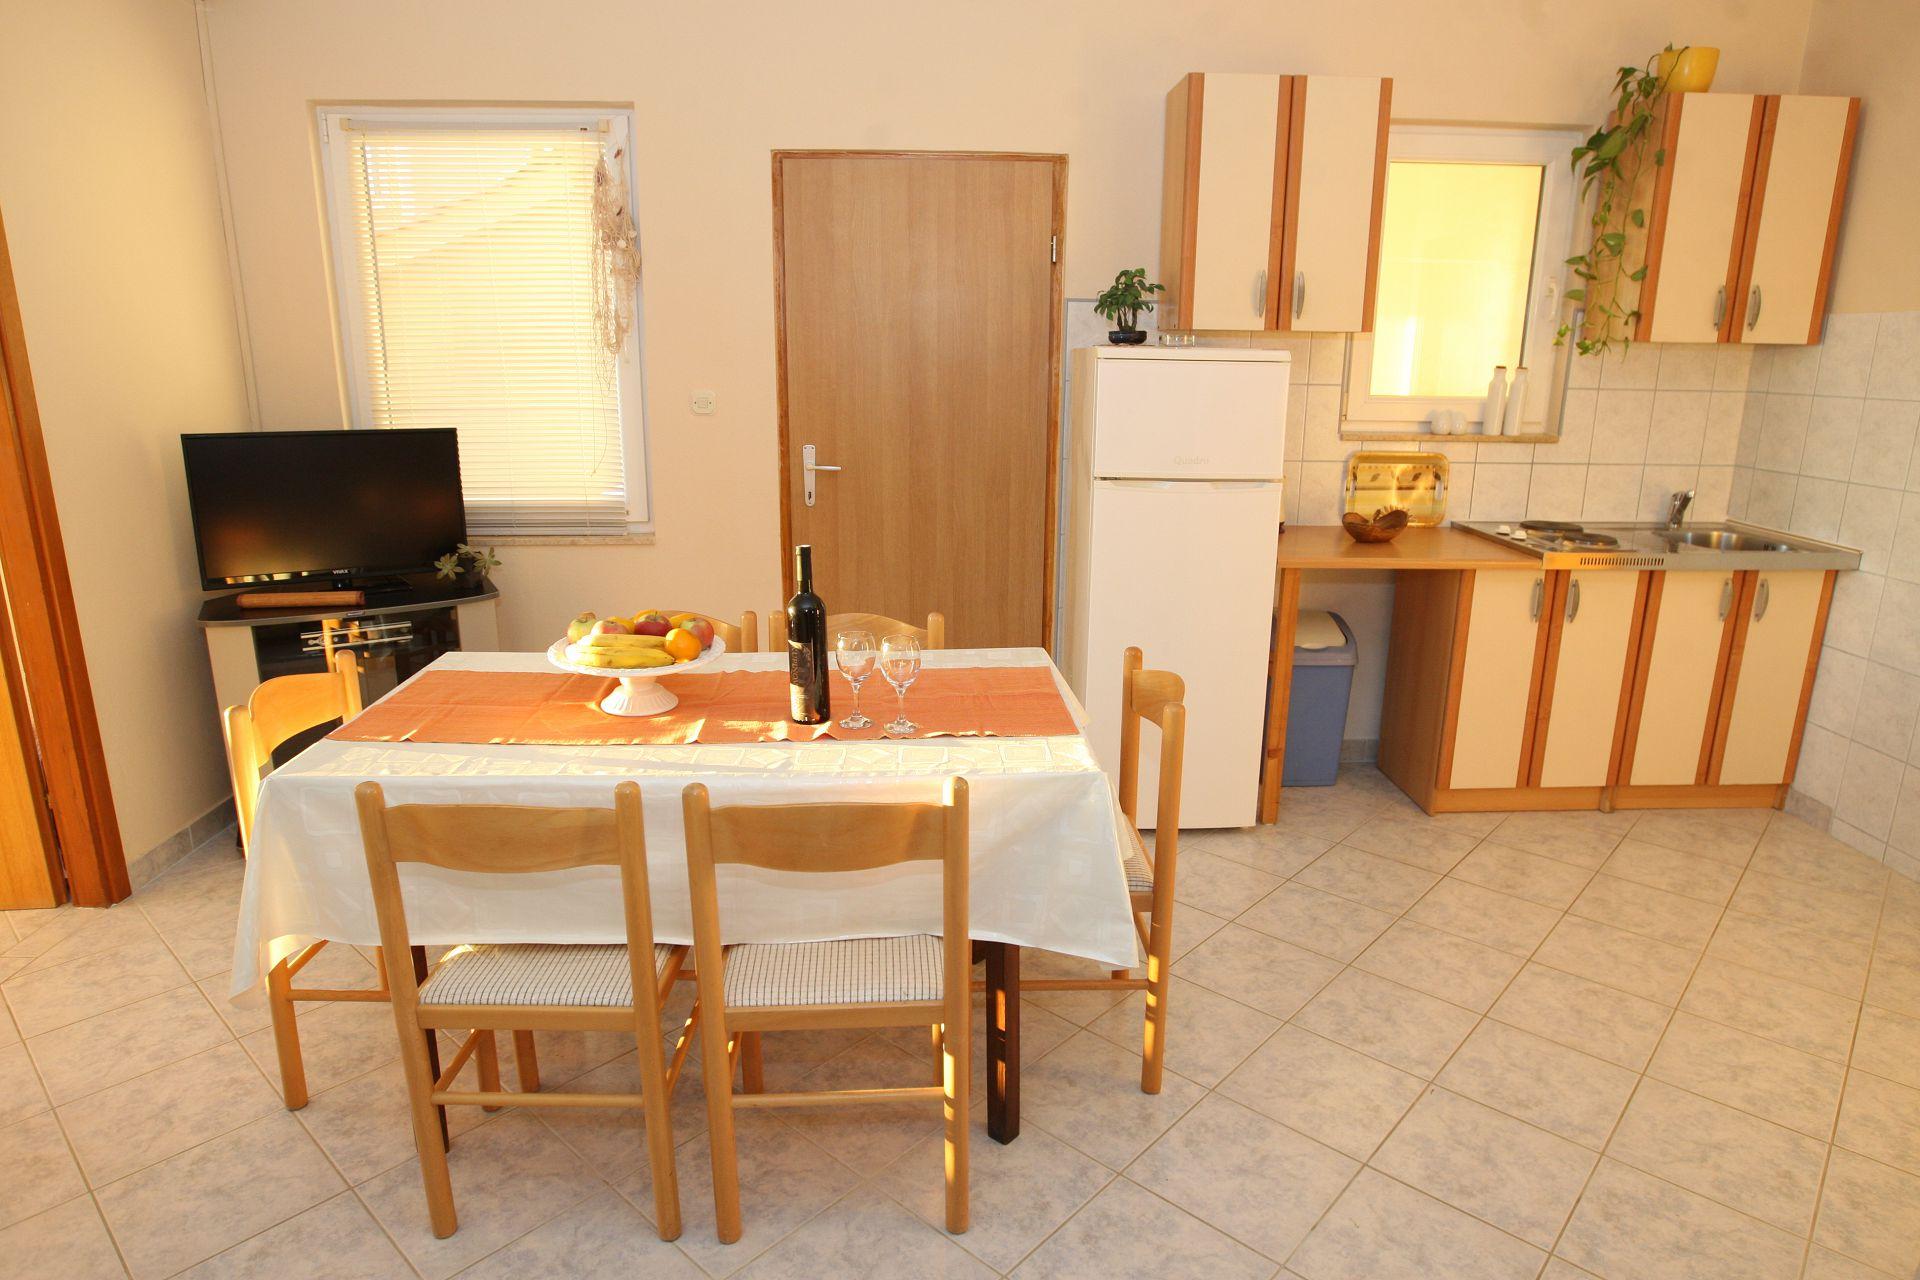 Ferienwohnung Mladen A1(5) - Vrsi (739699), Vrsi, , Dalmatien, Kroatien, Bild 8